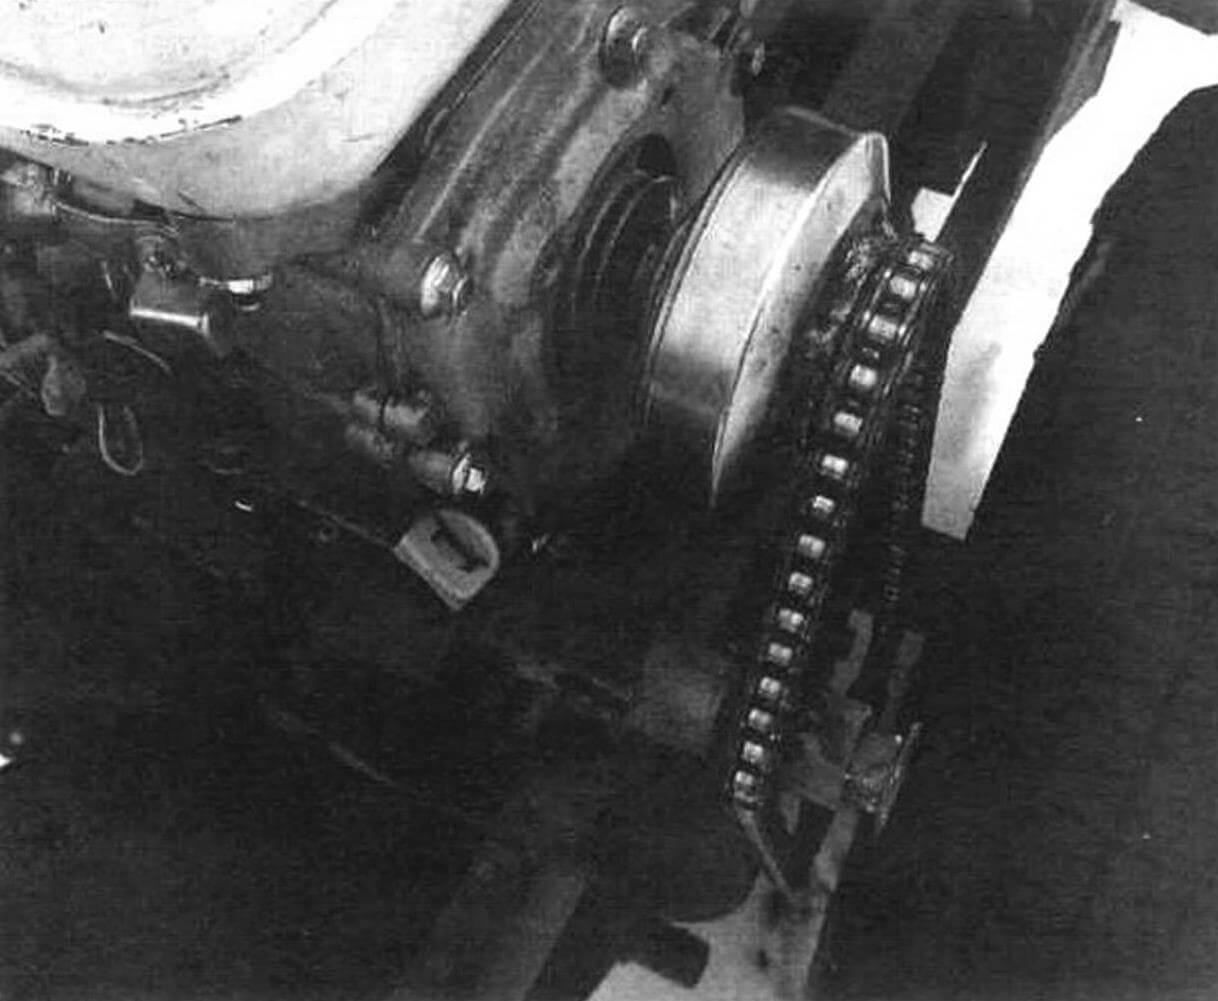 Внешний вид узла, установленного на самодельный минитрактор